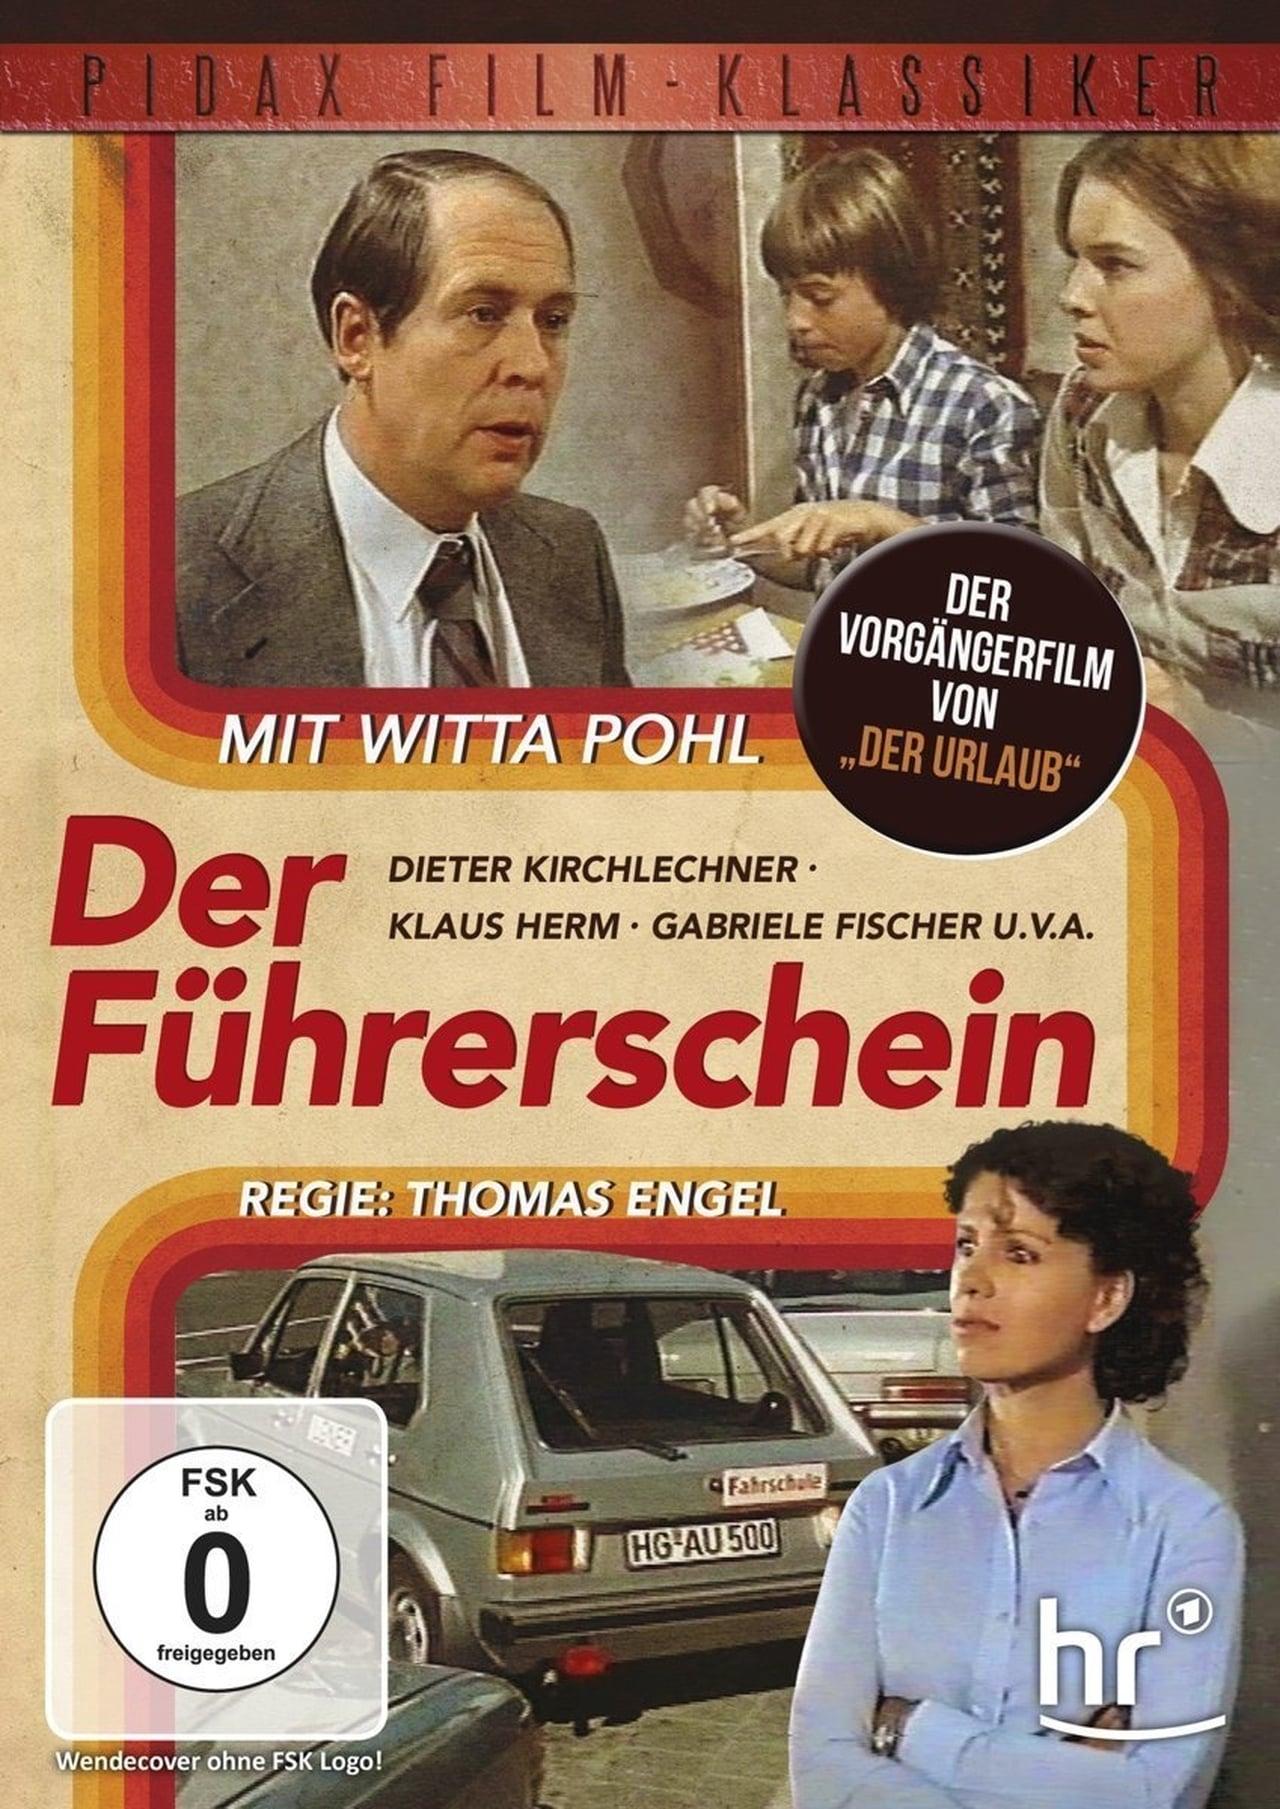 Der Führerschein